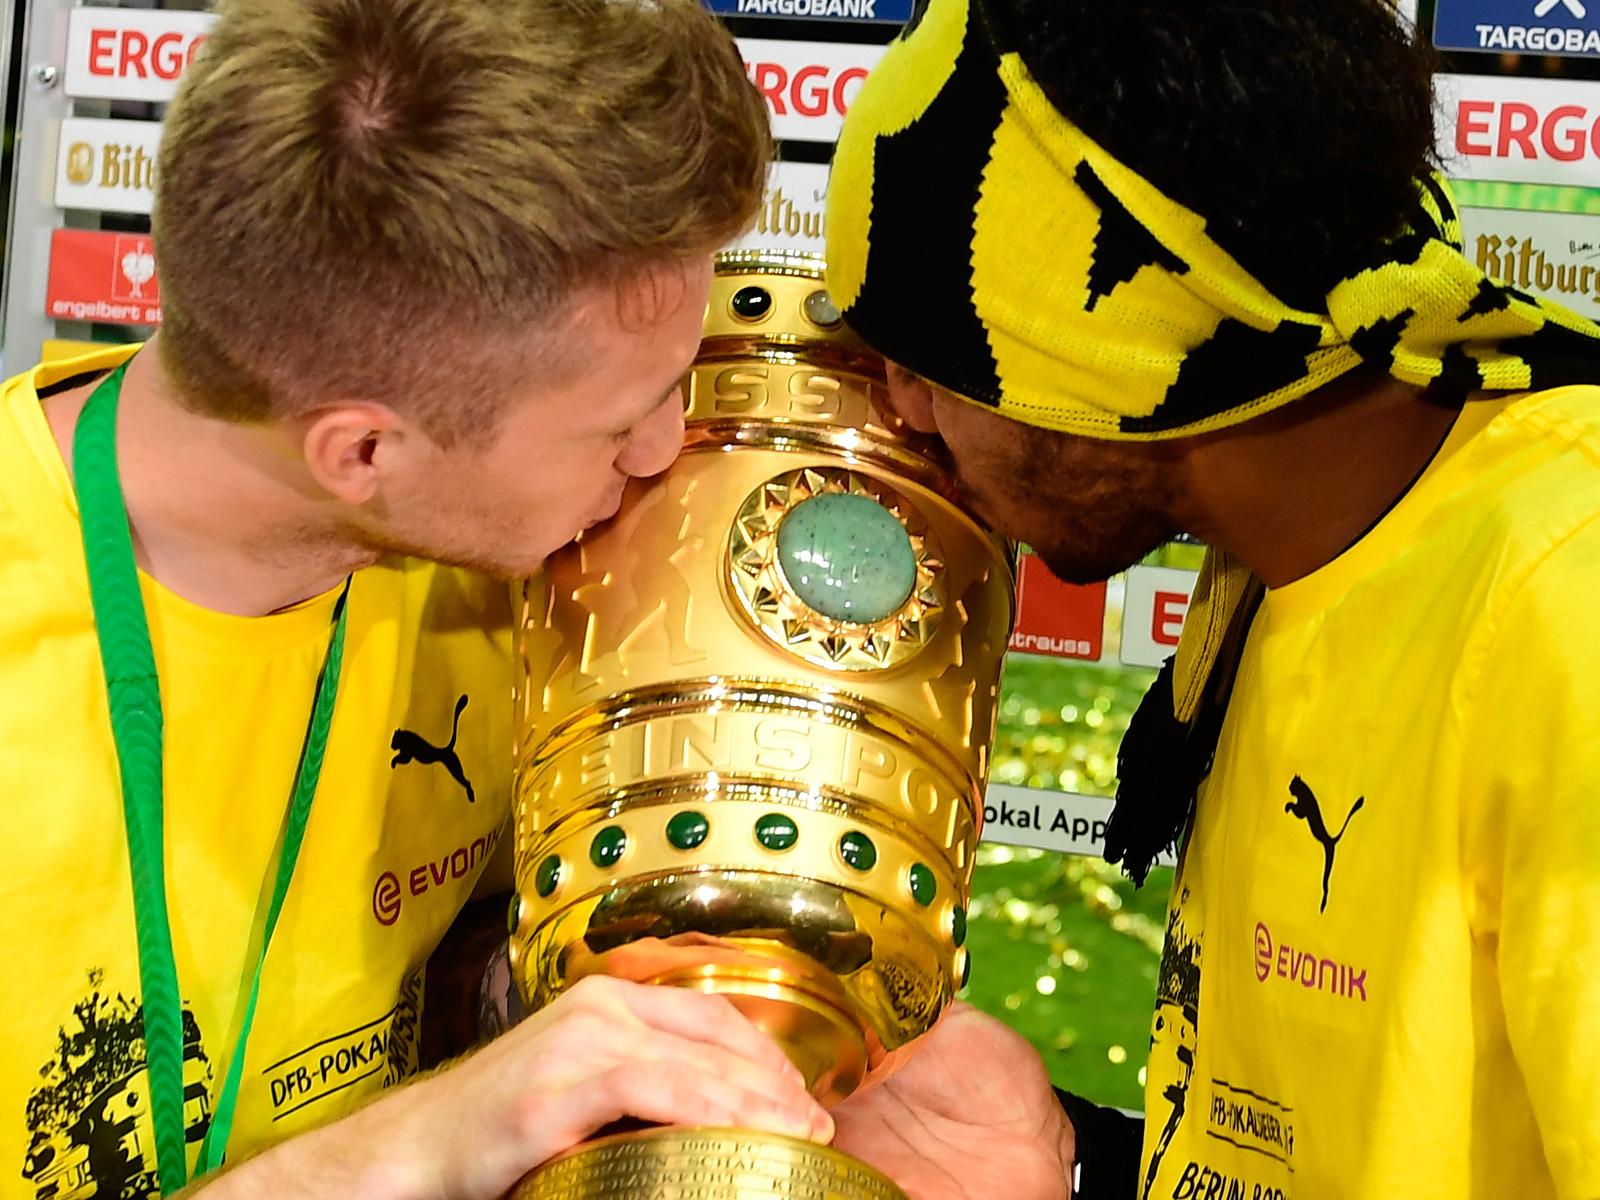 Bvb Pokalfeier 2017 Korso Von Borussia Dortmund Heute Live Im Tv